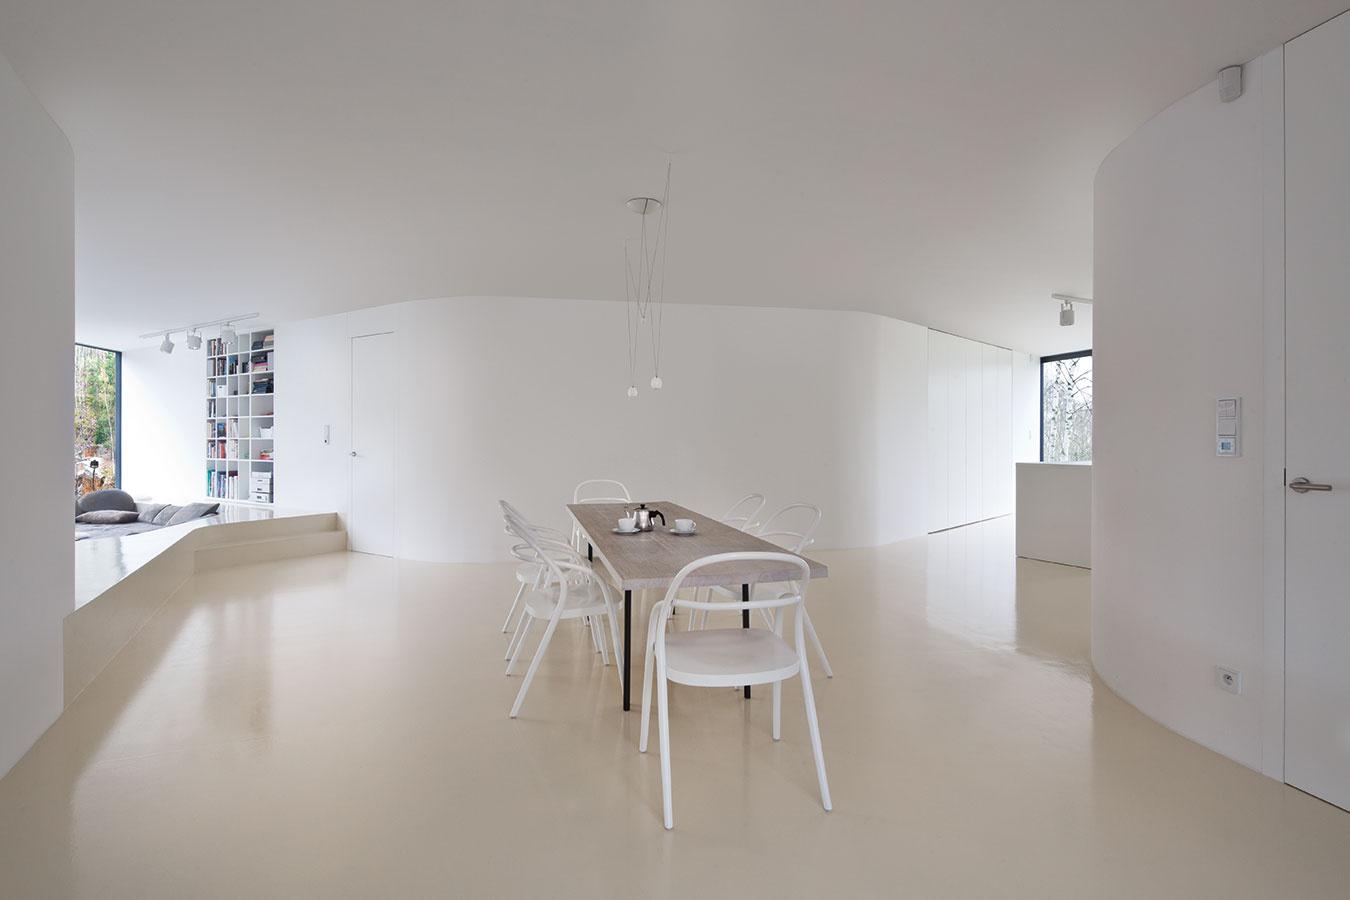 Biela interiéru jednoznačne dominuje – biele sú nielen steny apodlaha, ale aj police, stoličky čilampy. Dokonca aj drevená doska jedálenského stola vcentre dispozície je bielená.